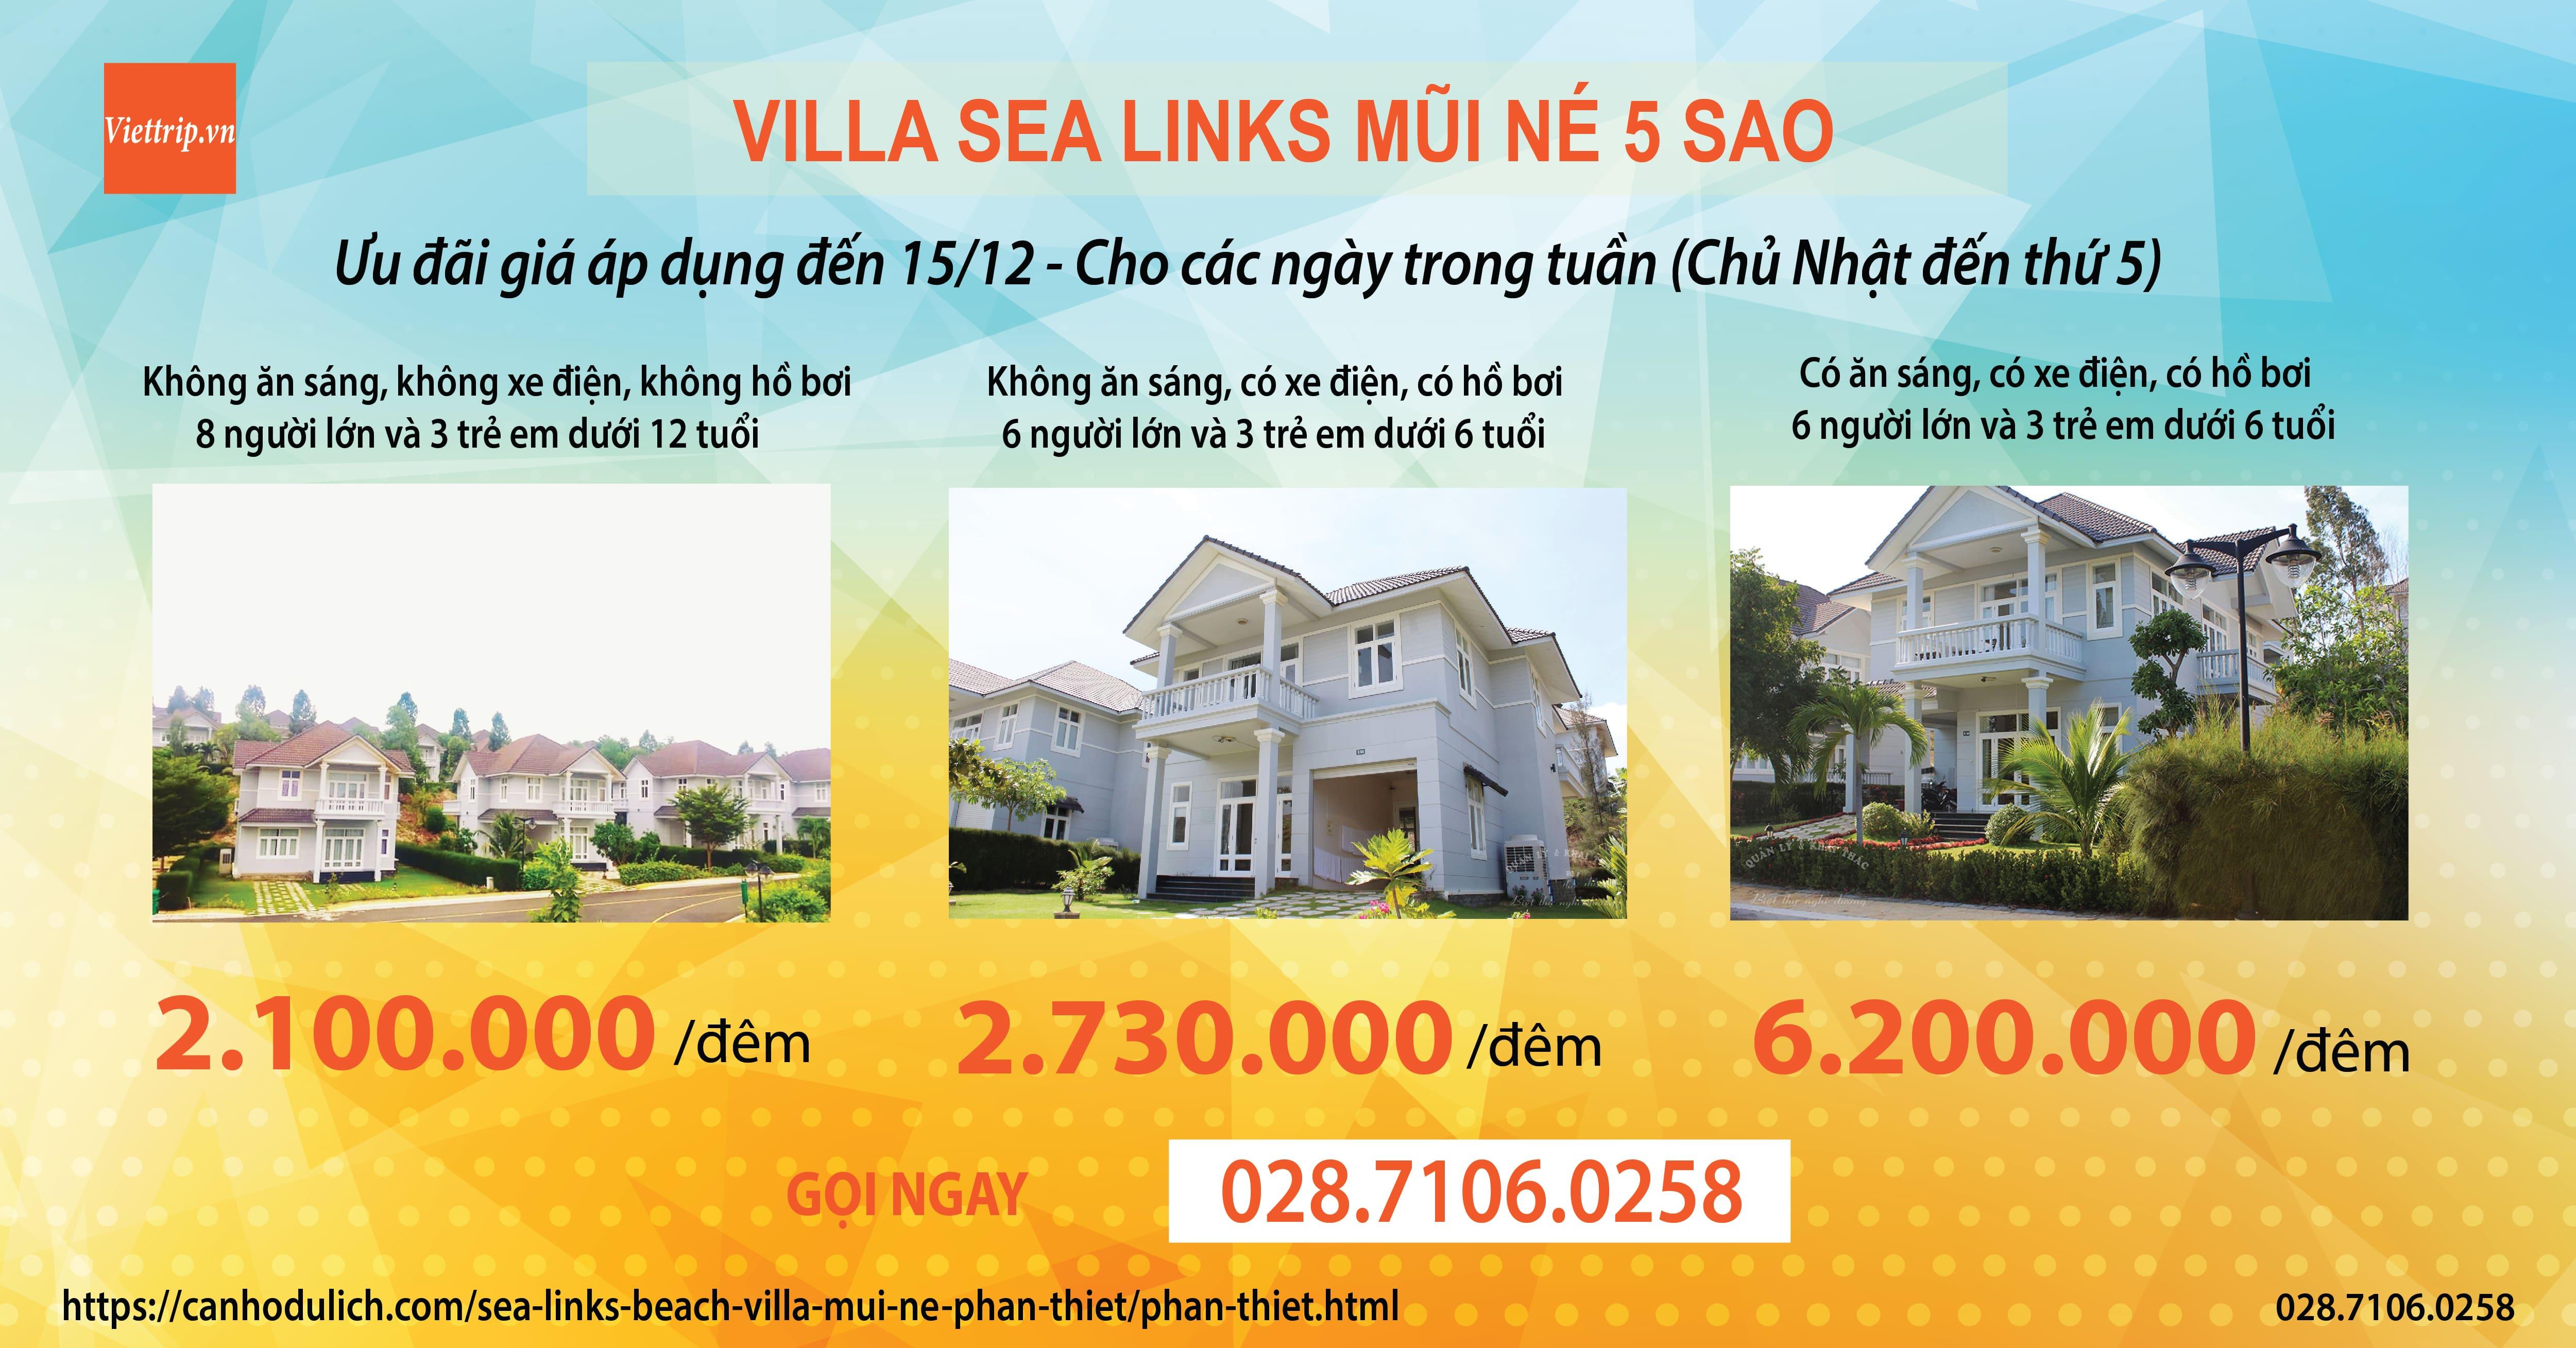 https://s3-ap-southeast-1.amazonaws.com/viettrip/Products/a9c81f9a-8015-470e-ad61-5d2a16d5ead2/155449_28112018_sea-links-1-01.jpg